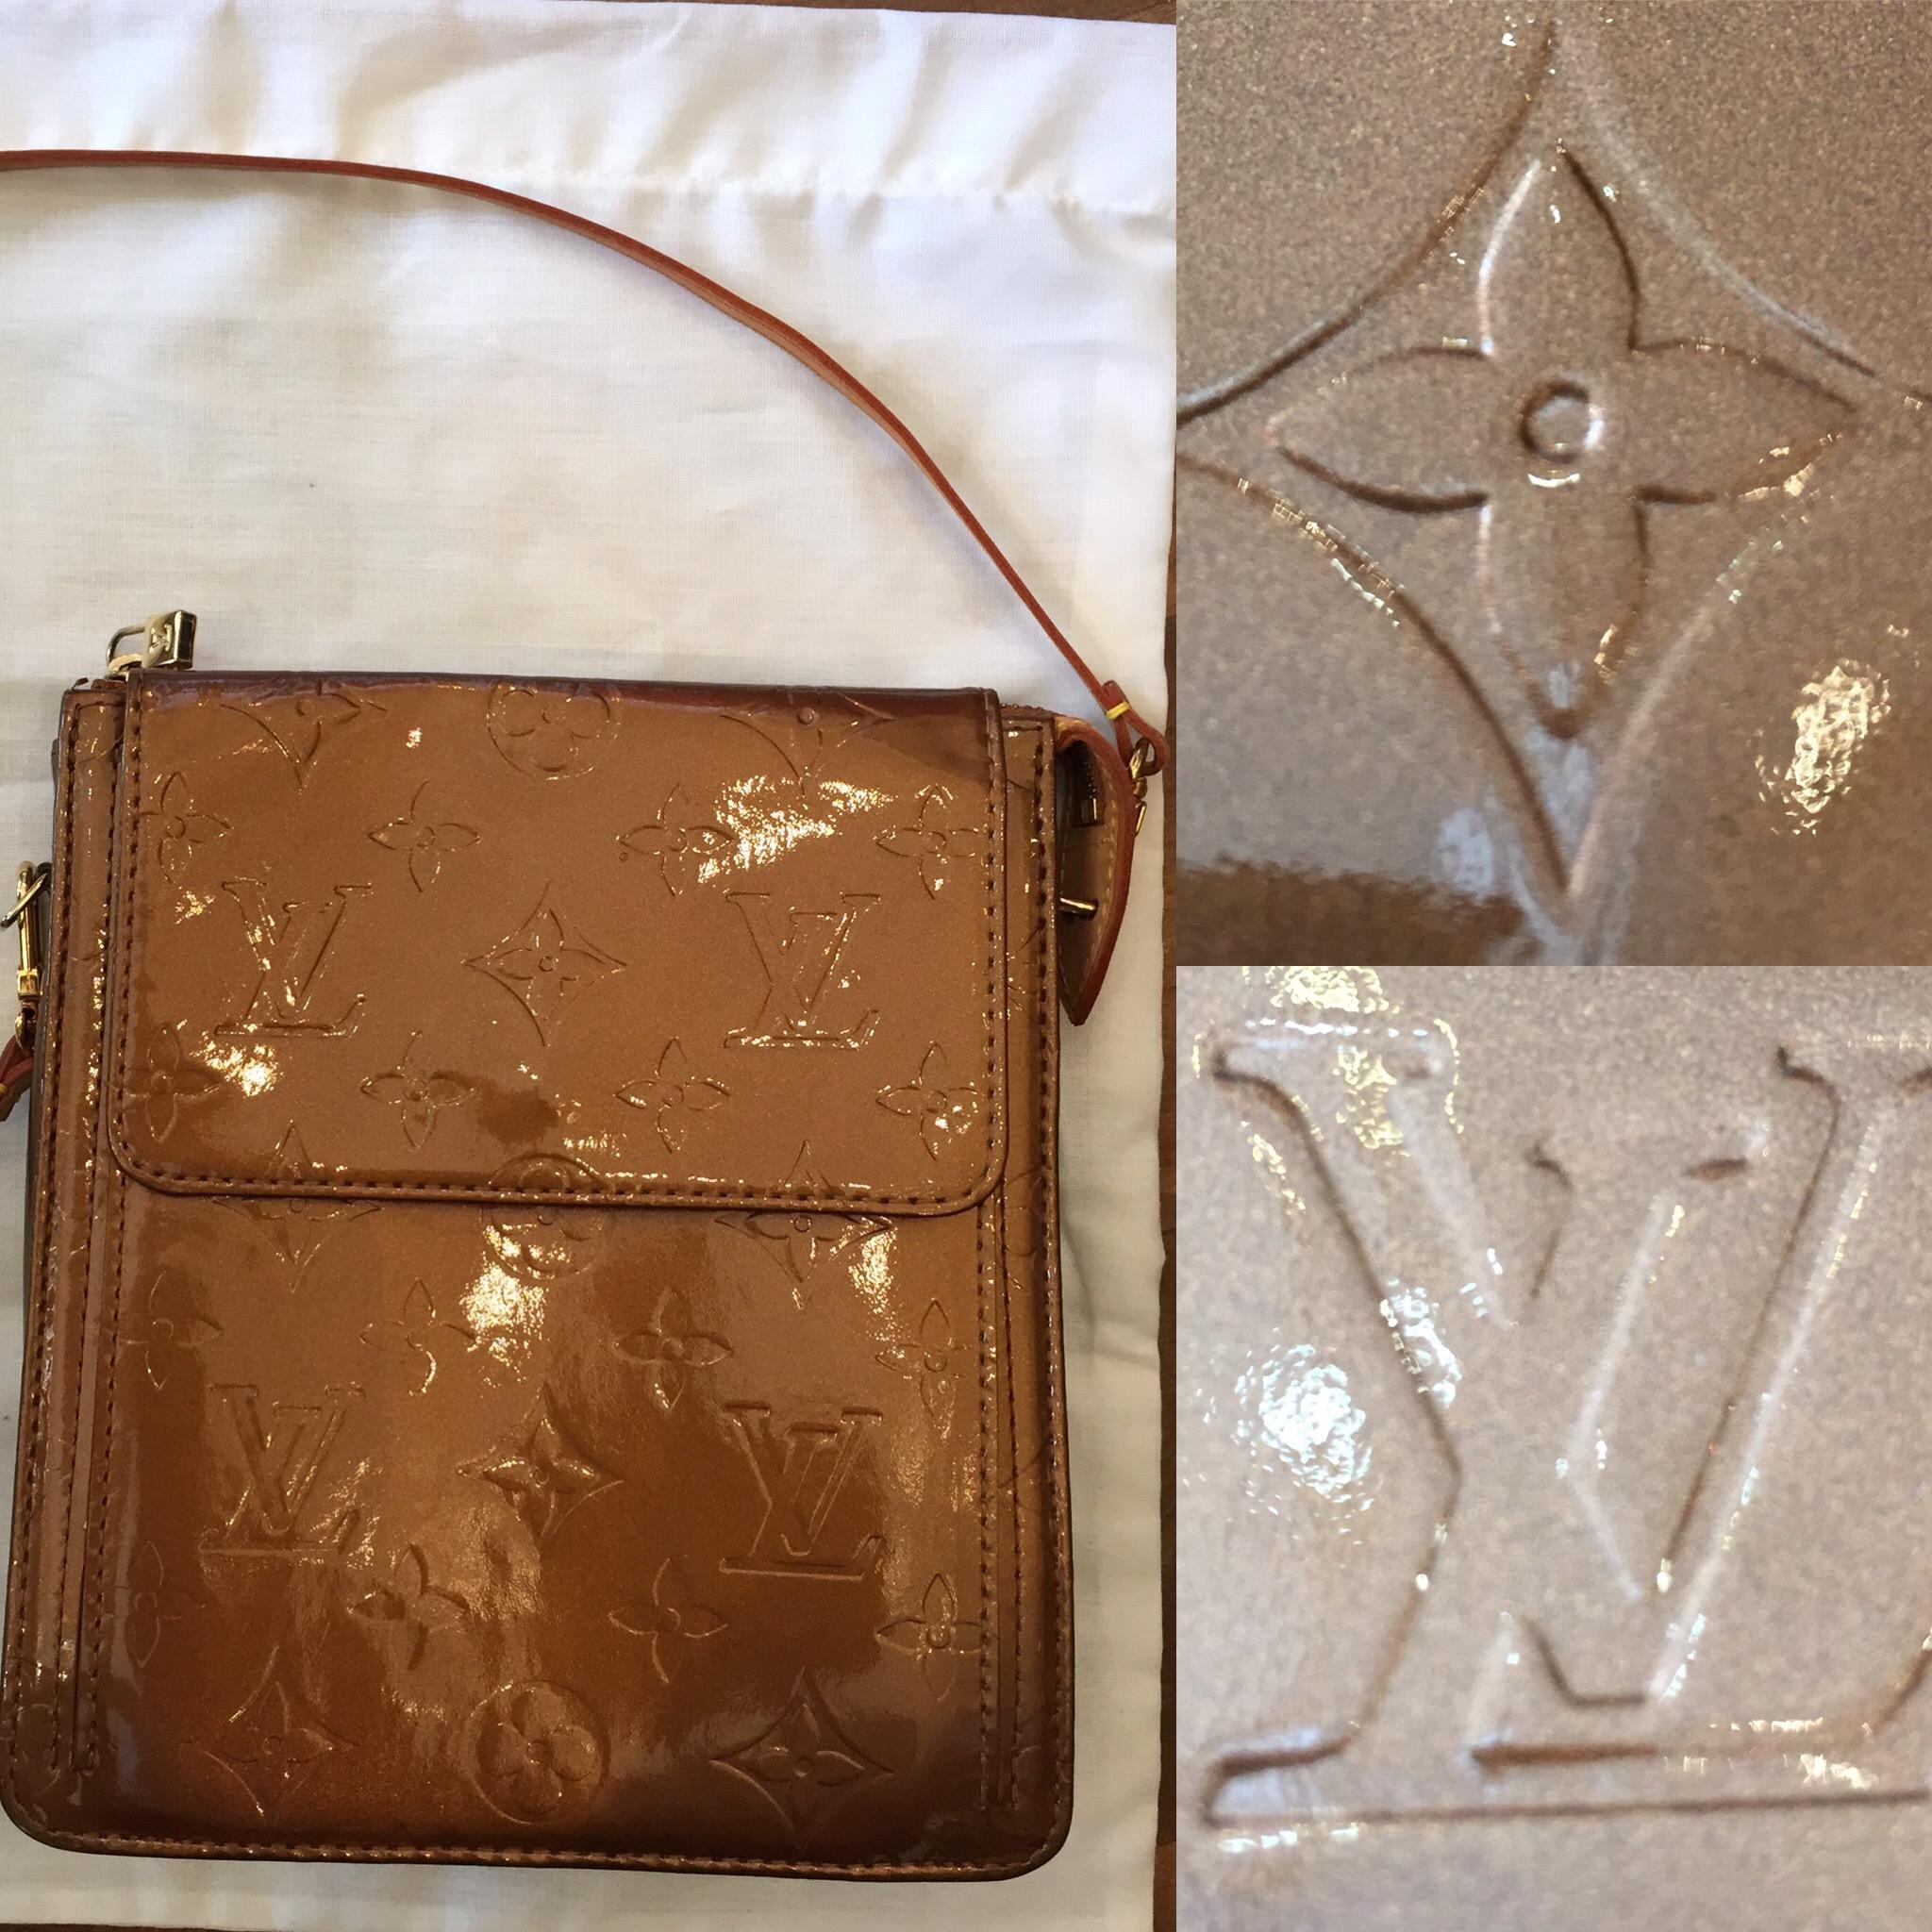 Louis Vuitton bronze bag £199jpg.JPG